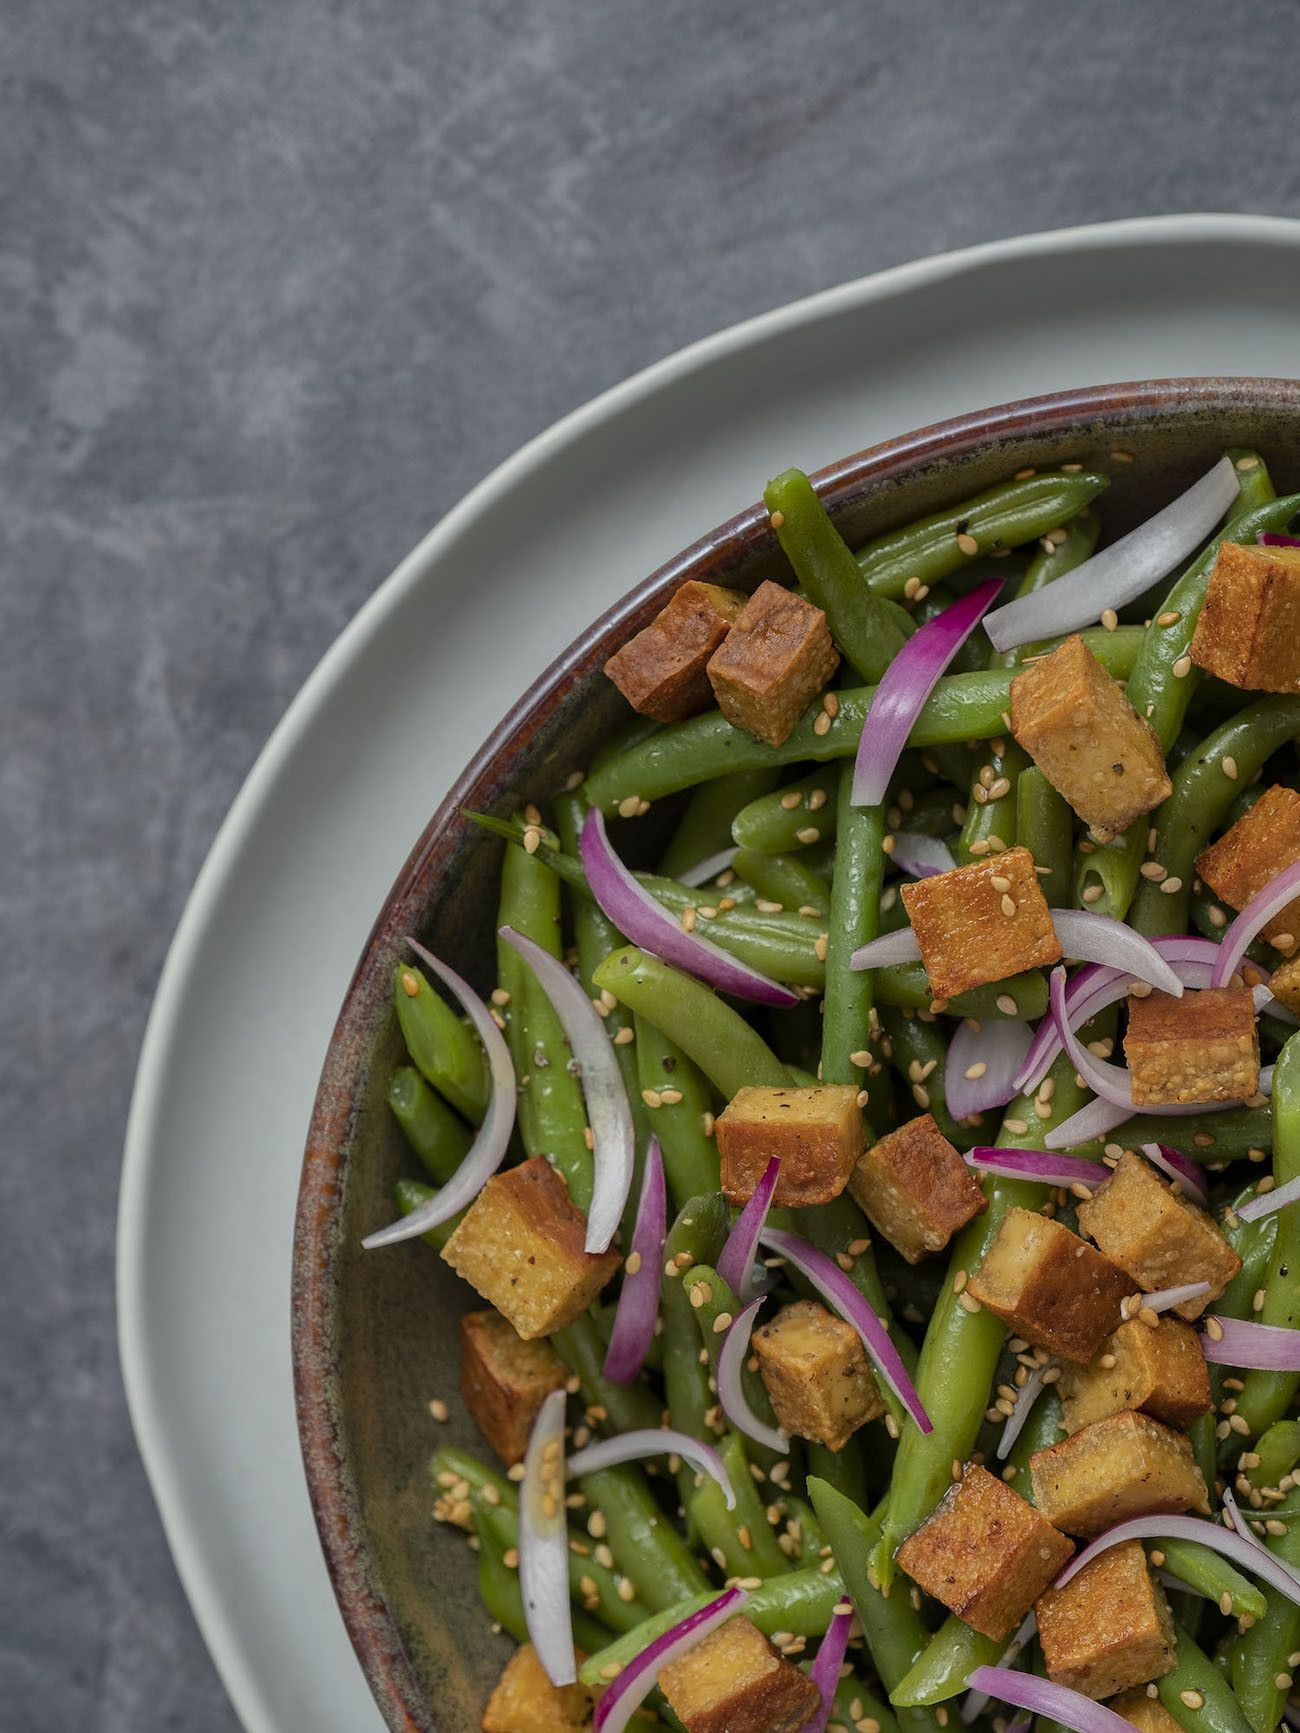 Foodblog, About Fuel, Rezept, Stangenbohnensalat mit geräuchertem Tofu, Sesam und roten Zwiebeln, Teller, Tofu, Vegan, Sesam